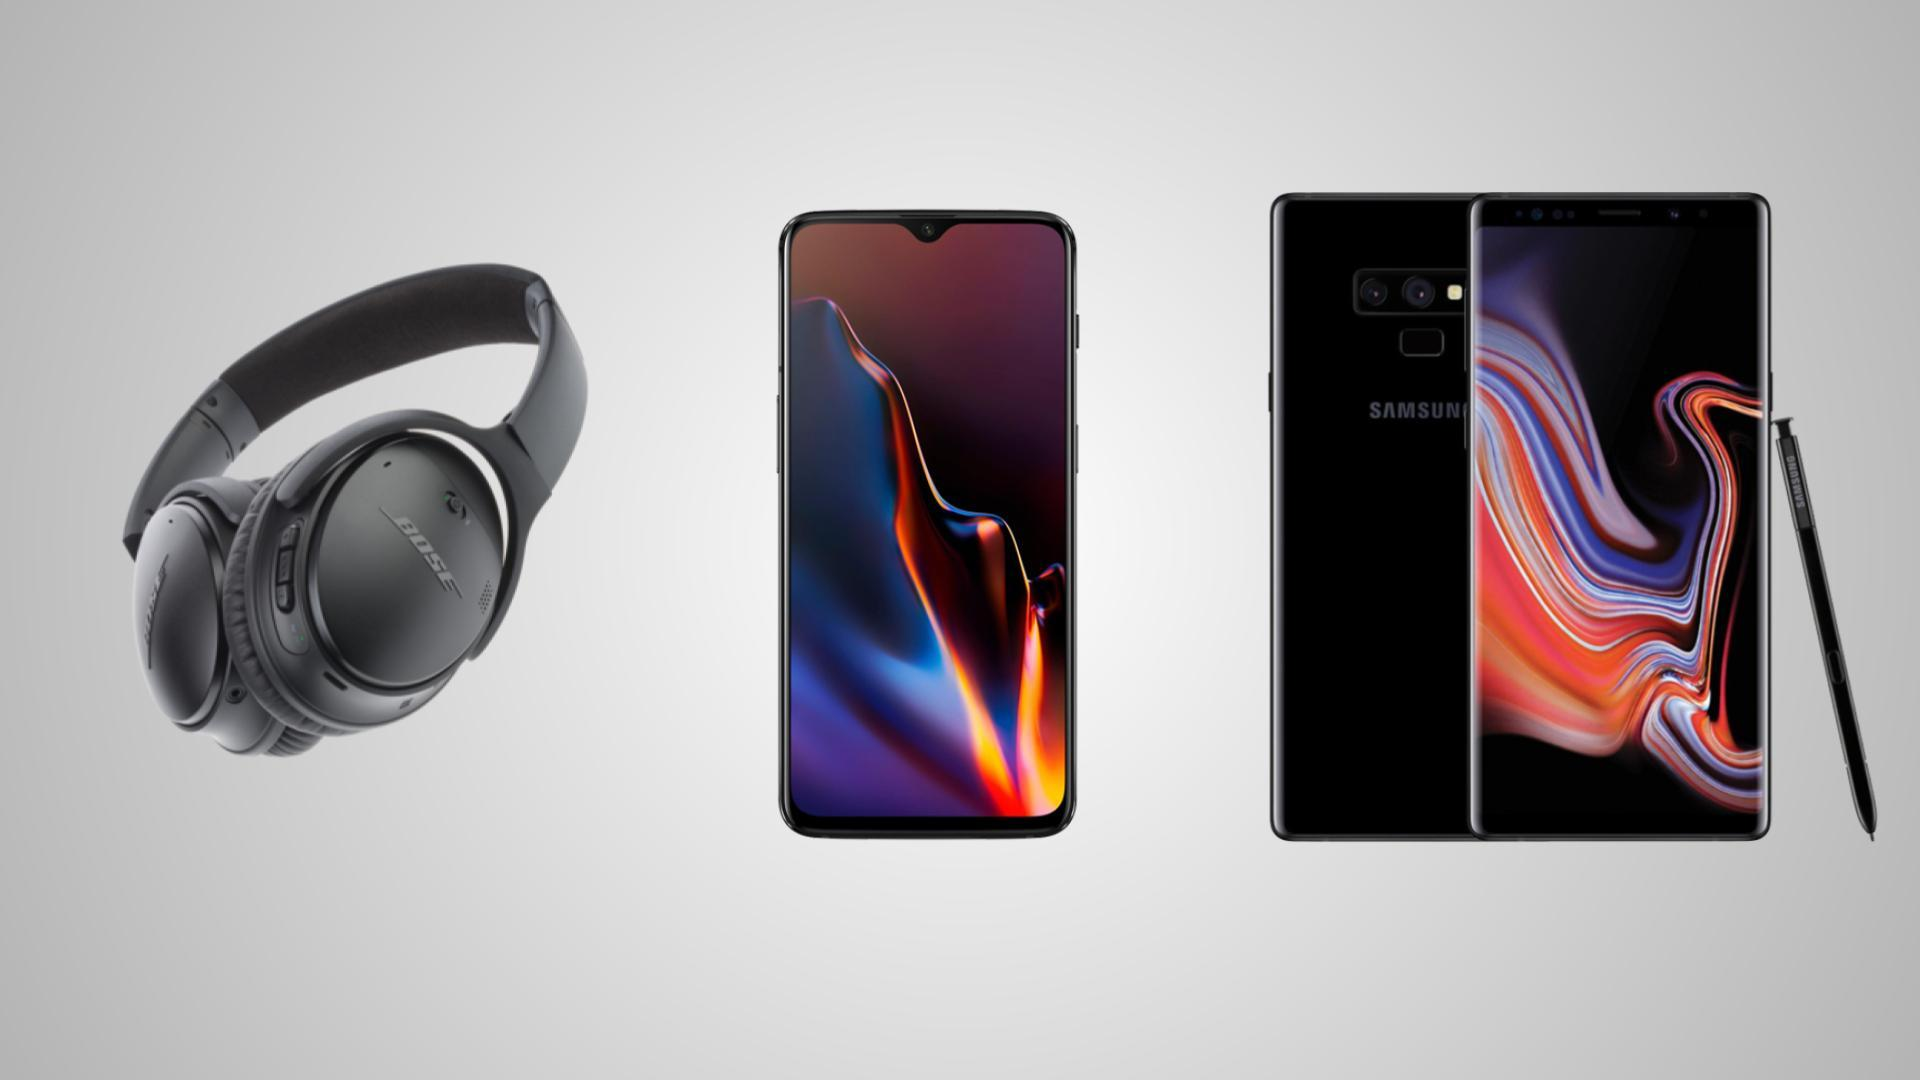 Bose QC 35 II à 263 euros, OnePlus 6T à 459 euros et Samsung Galaxy Note 9 à 618 euros pour le Megapeak de Rakuten